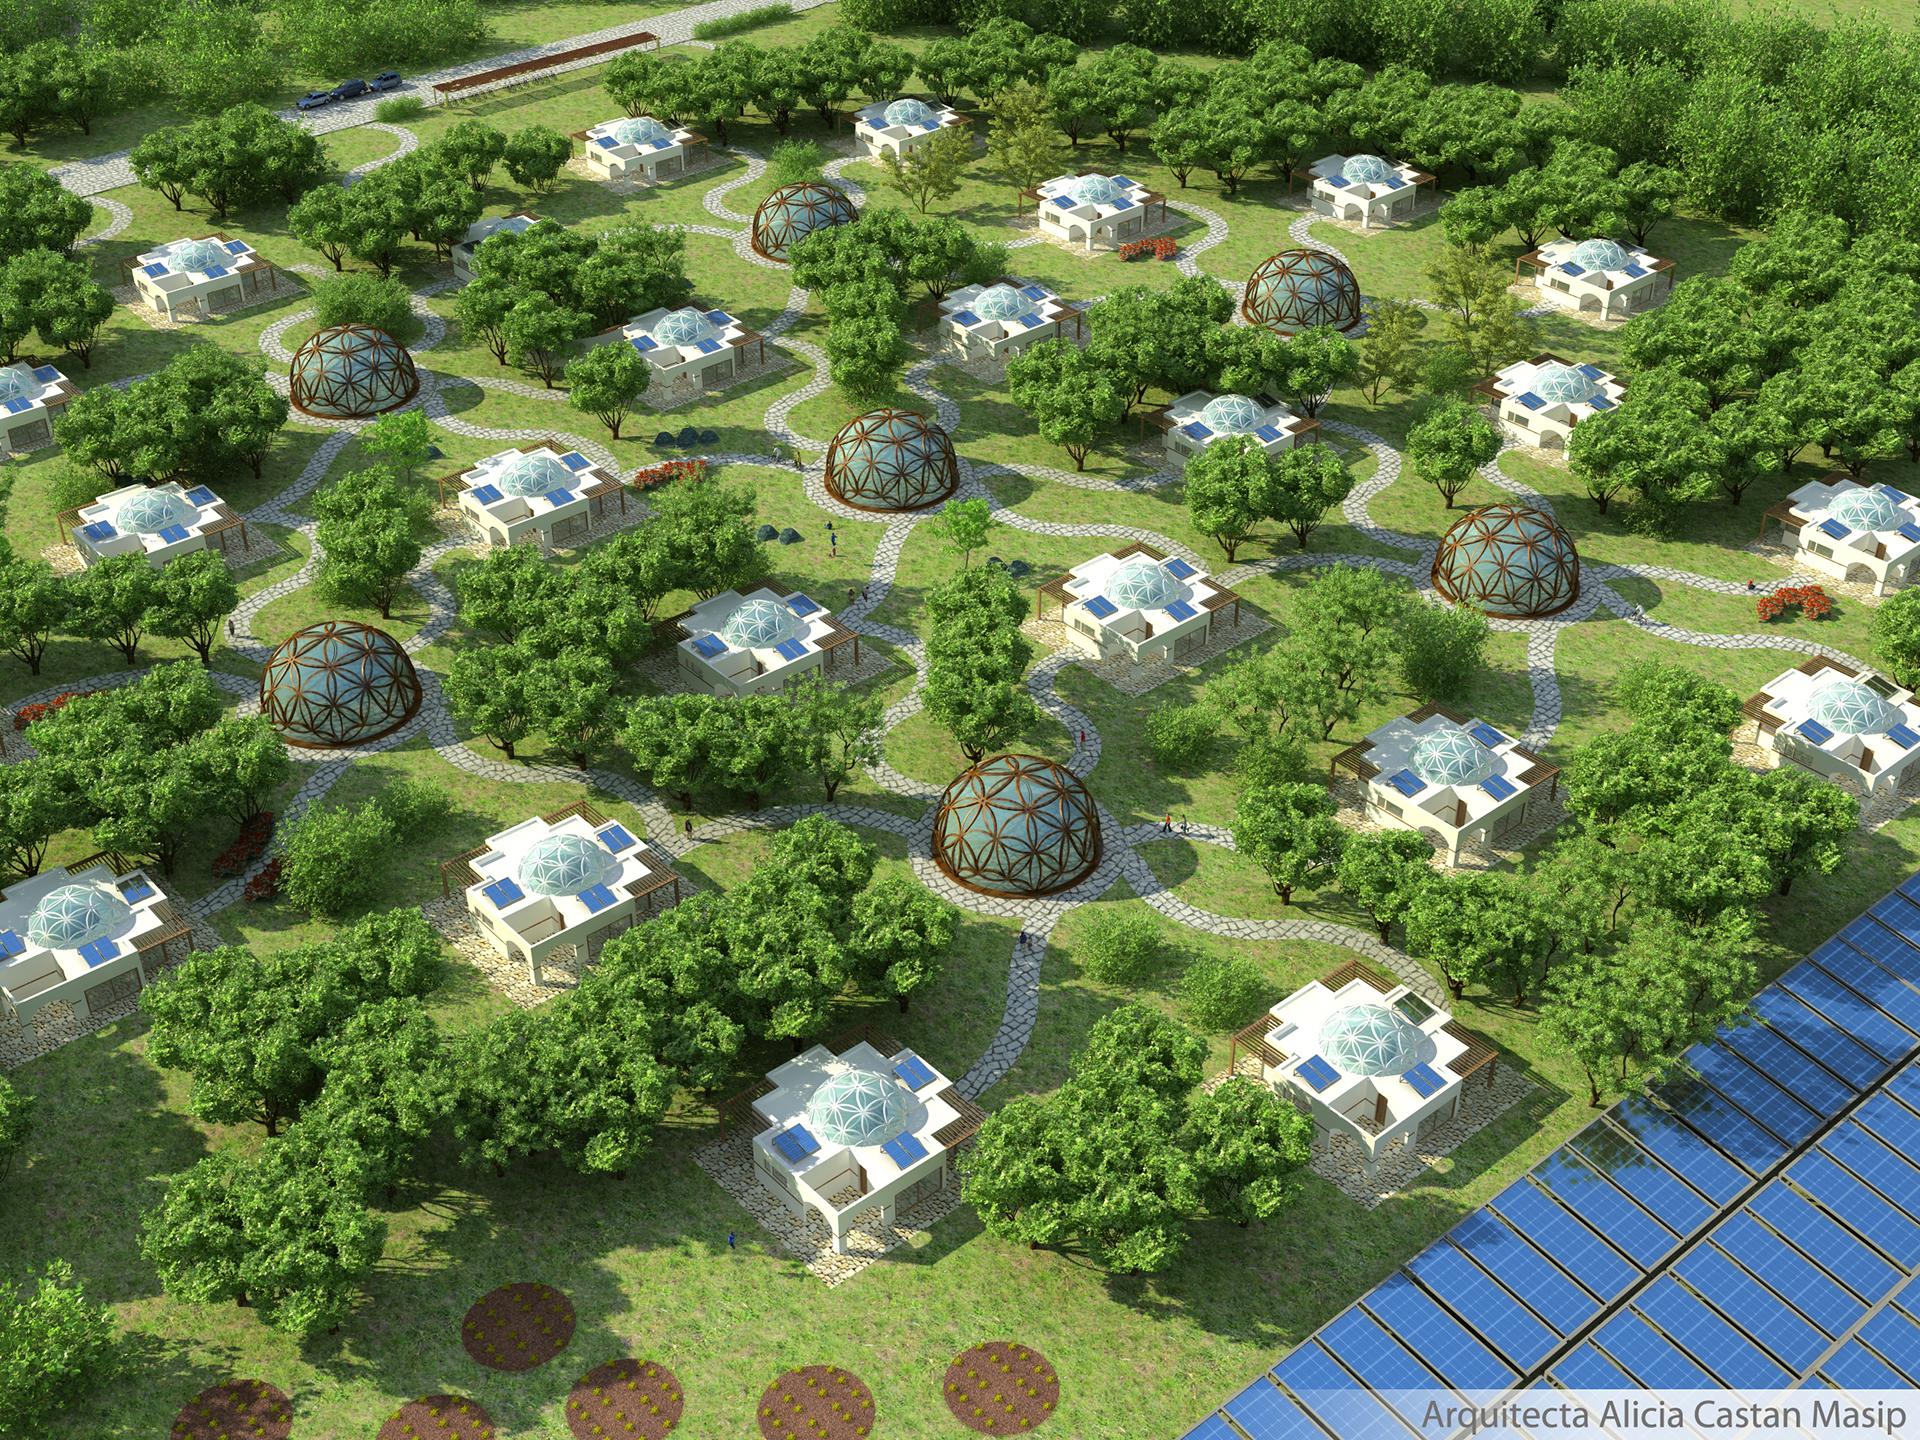 Proyecto La Flor de la Vida arquitectura sostenible y economía circular